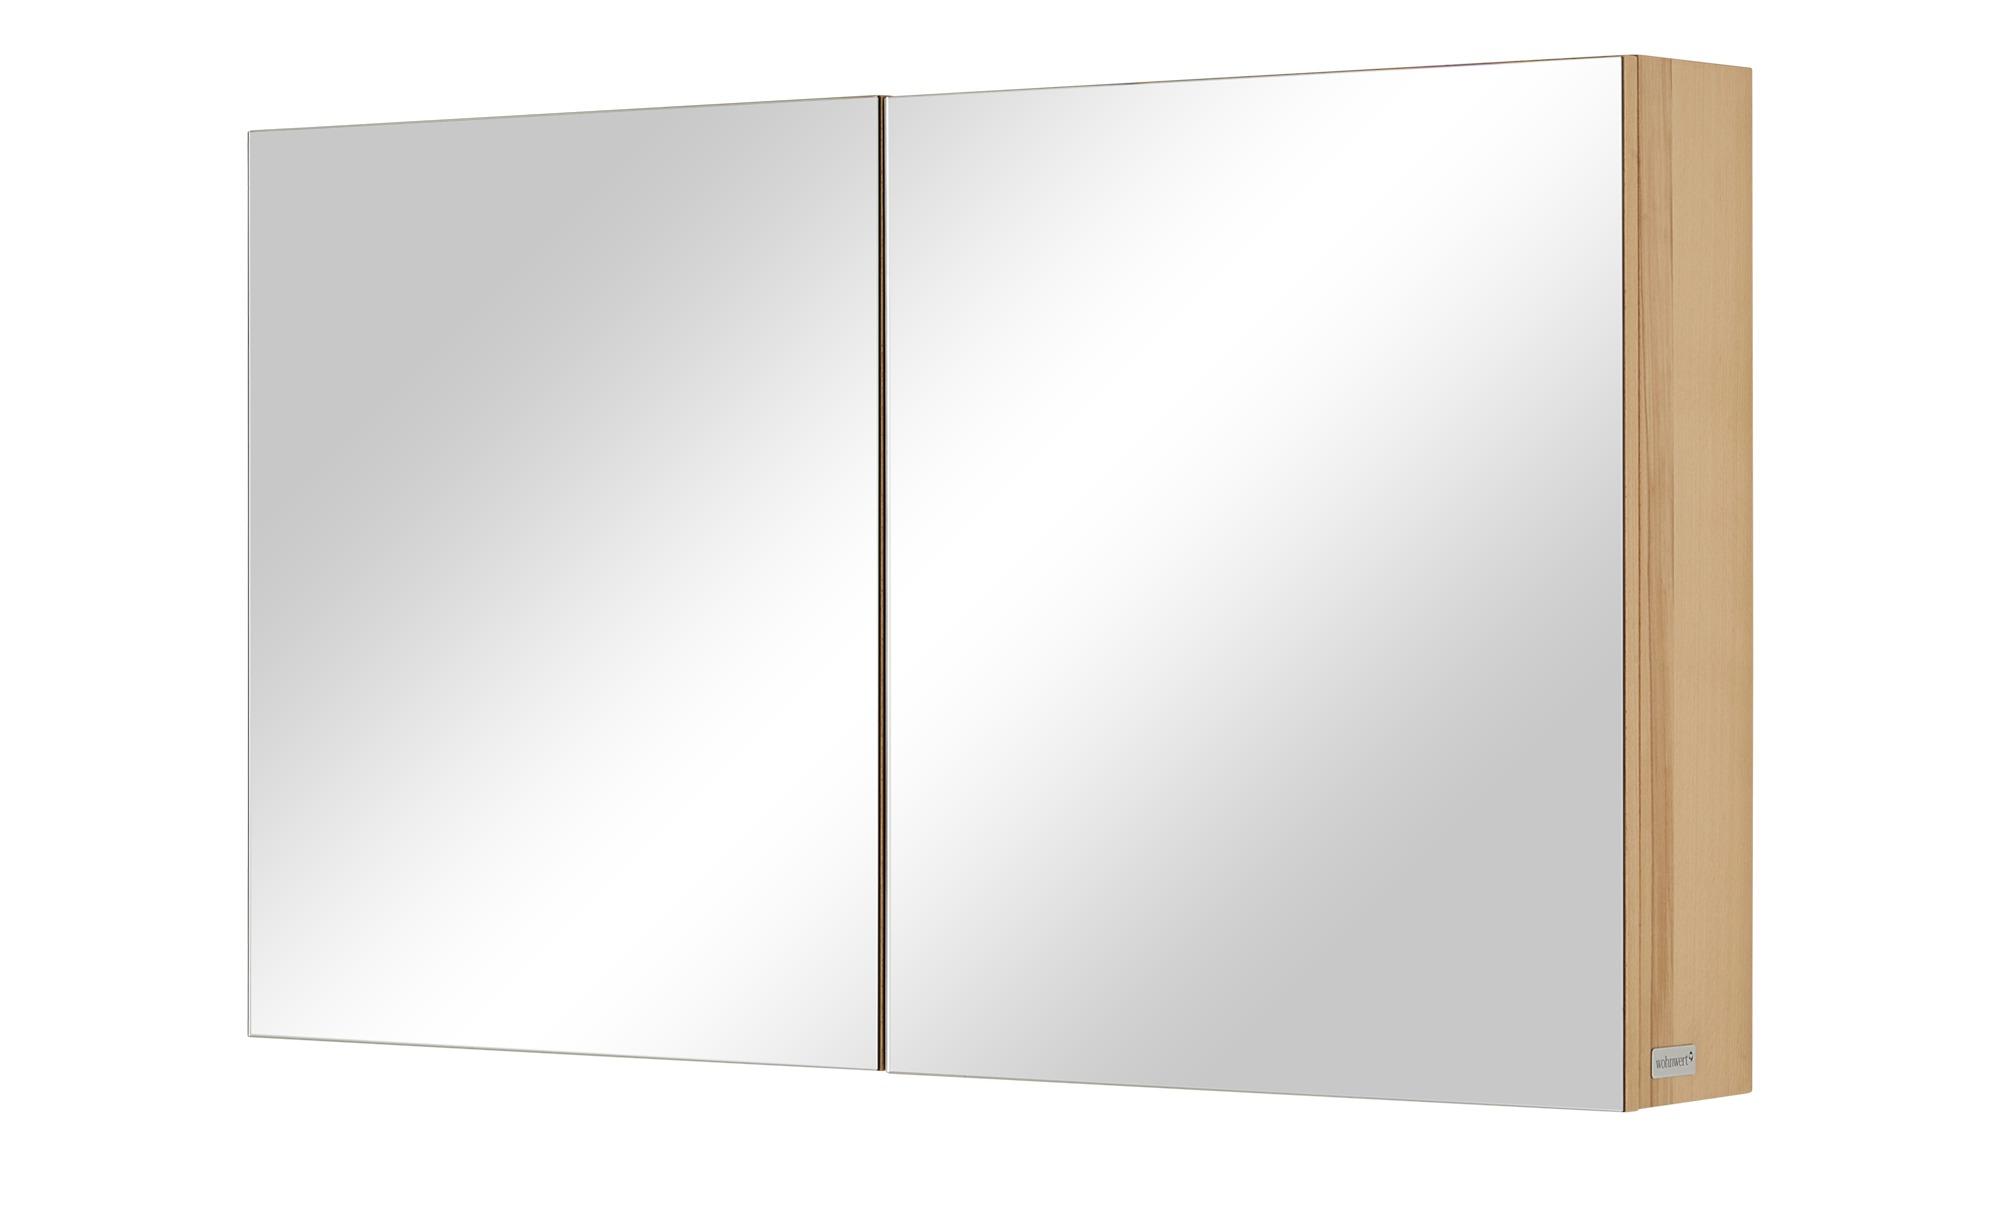 Wohnwert Spiegelschrank  Capri ¦ holzfarben ¦ Maße (cm): B: 120 H: 70 T: 18 Schränke > Badschränke > Spiegelschränke - Höffner   Bad > Badmöbel   Holzfarben   Holzwerkstoff - Furniert   Möbel Höffner DE